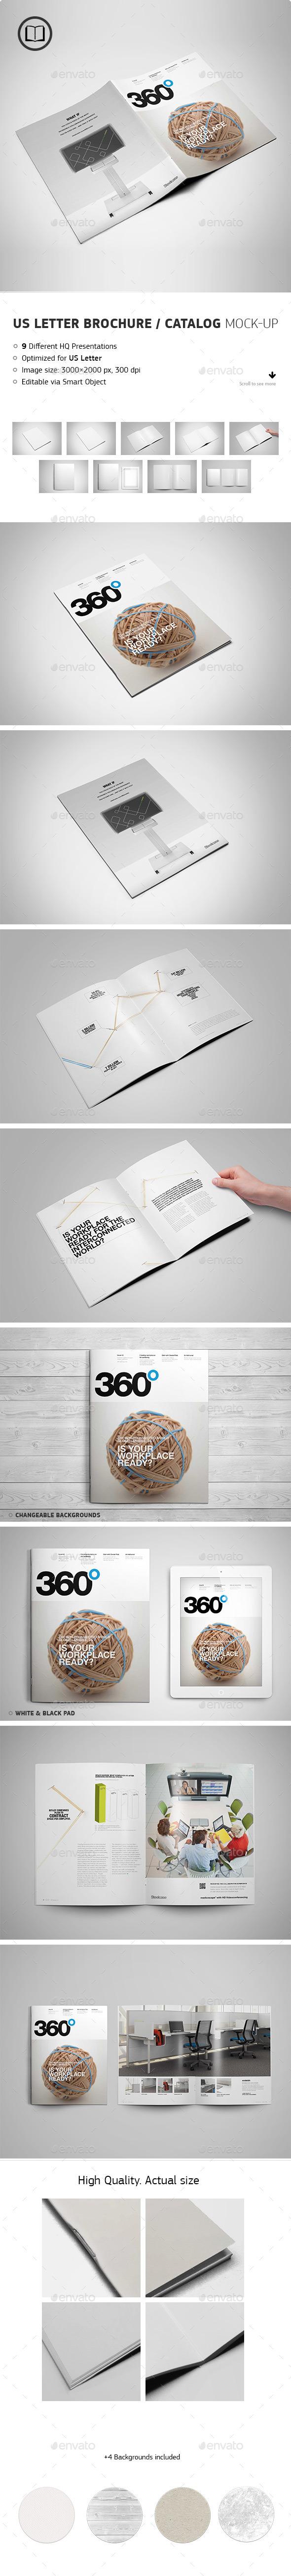 US Letter Brochure / Catalog Mock-Up - Brochures Print